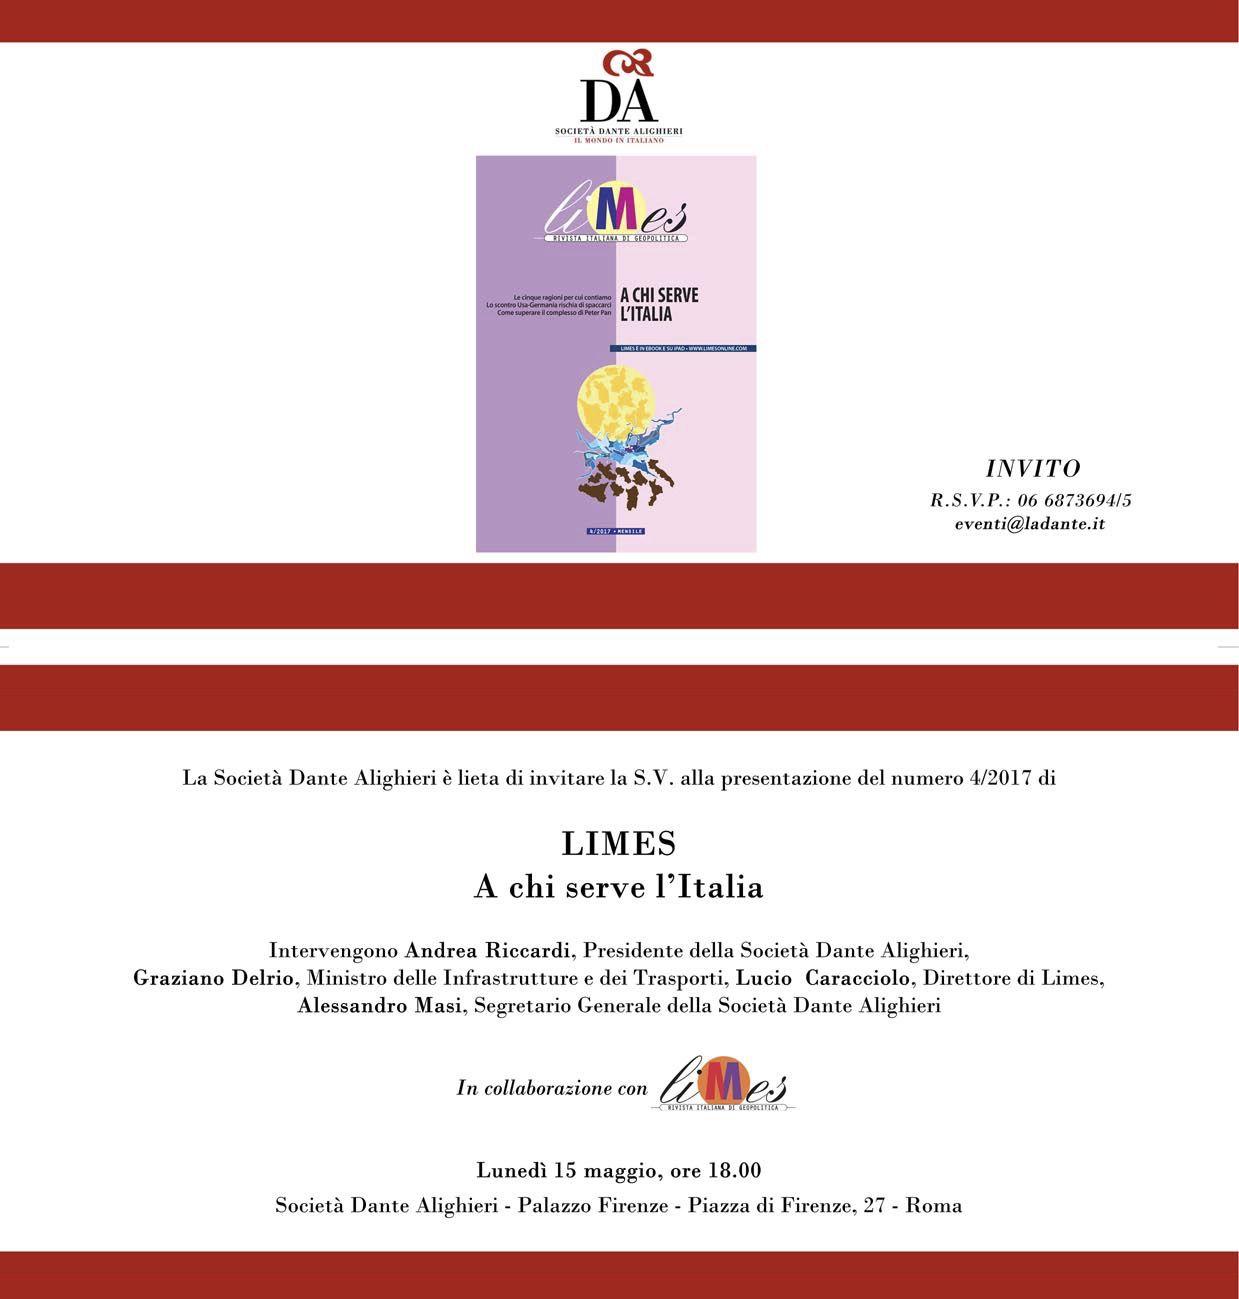 Societa Dante Alighieri - Programma Presentazione Limes 15 05 2017